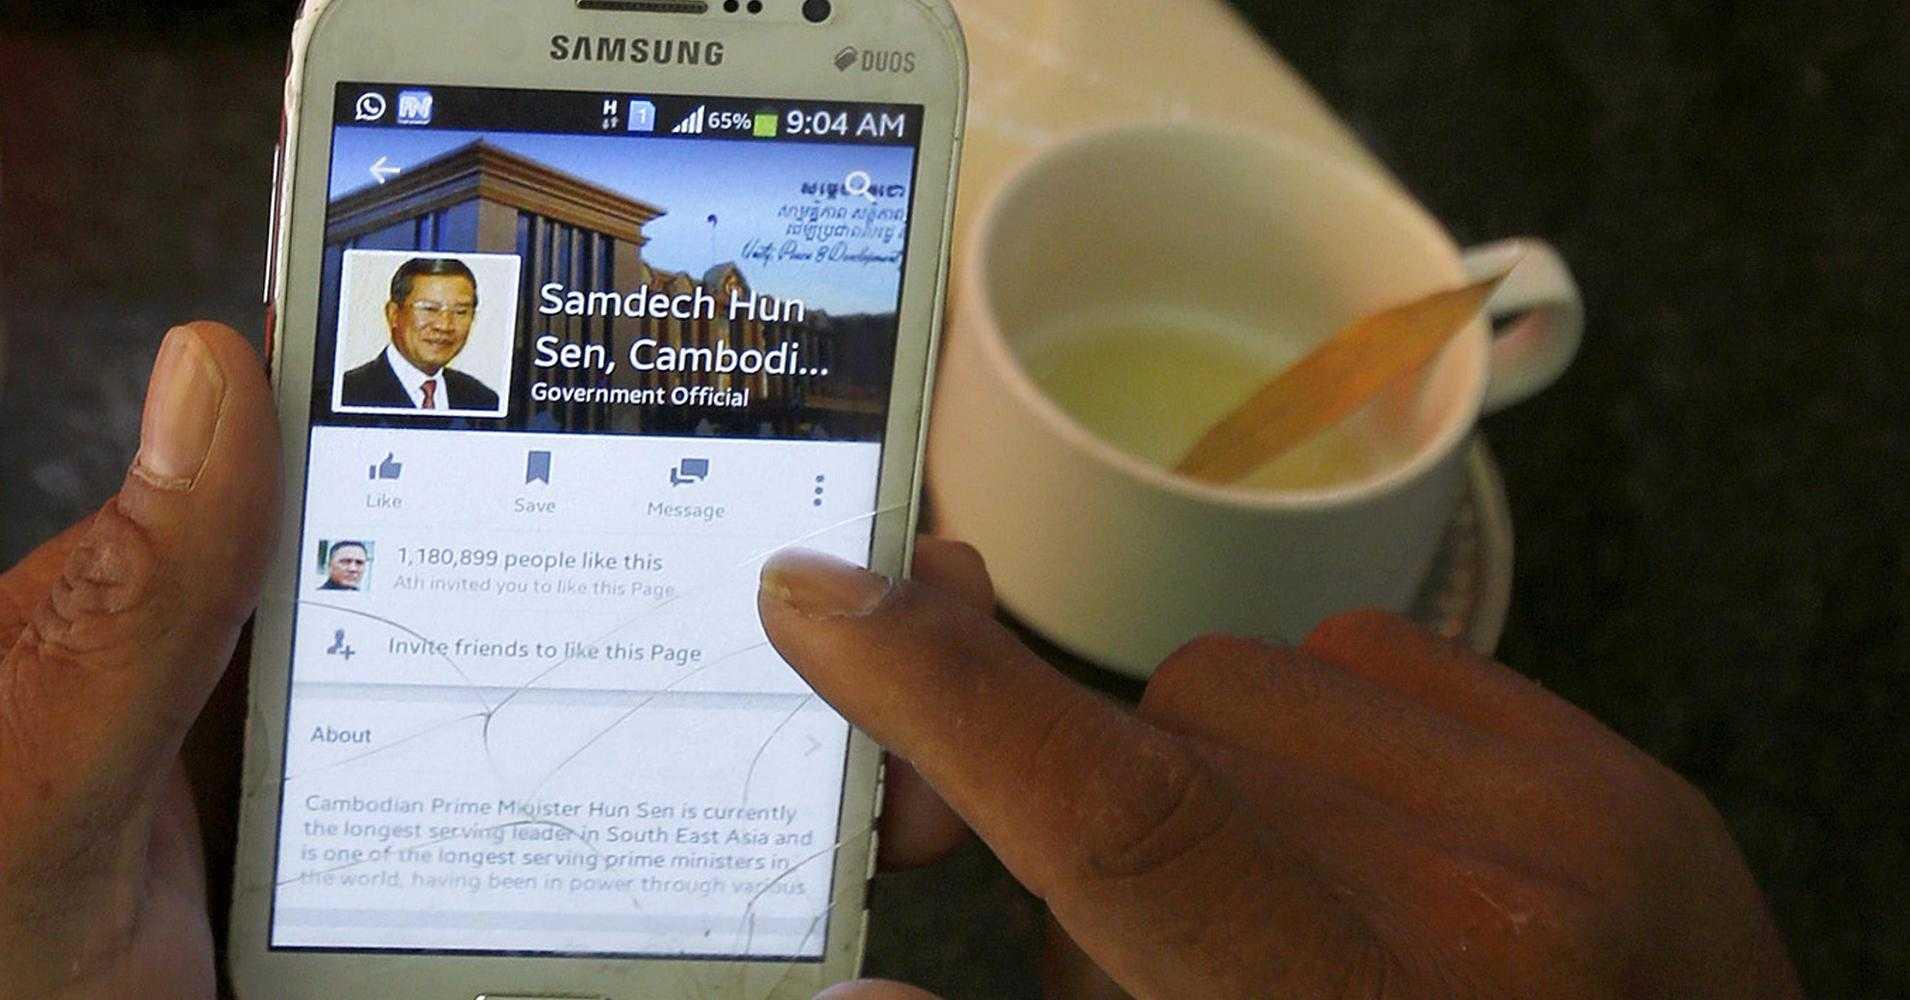 Một người truy cập vào trang Facebook của ông Hun Sen từ điện thoại di động